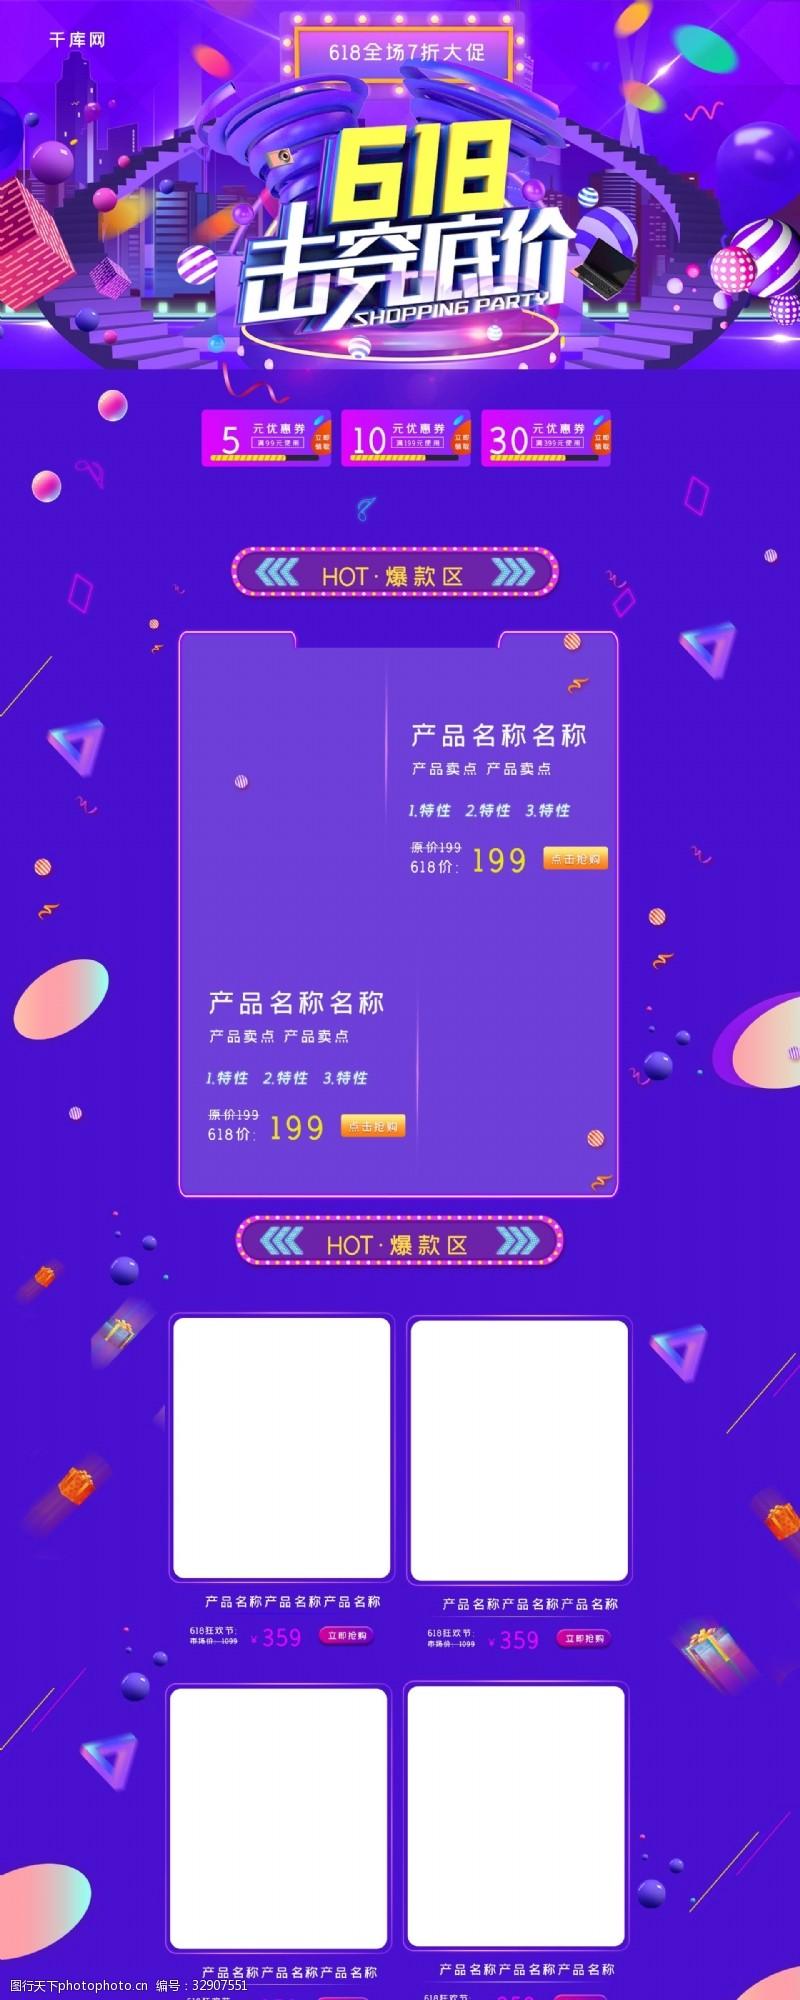 低价促销618击穿低价C4D酷炫紫色电商淘宝首页模板